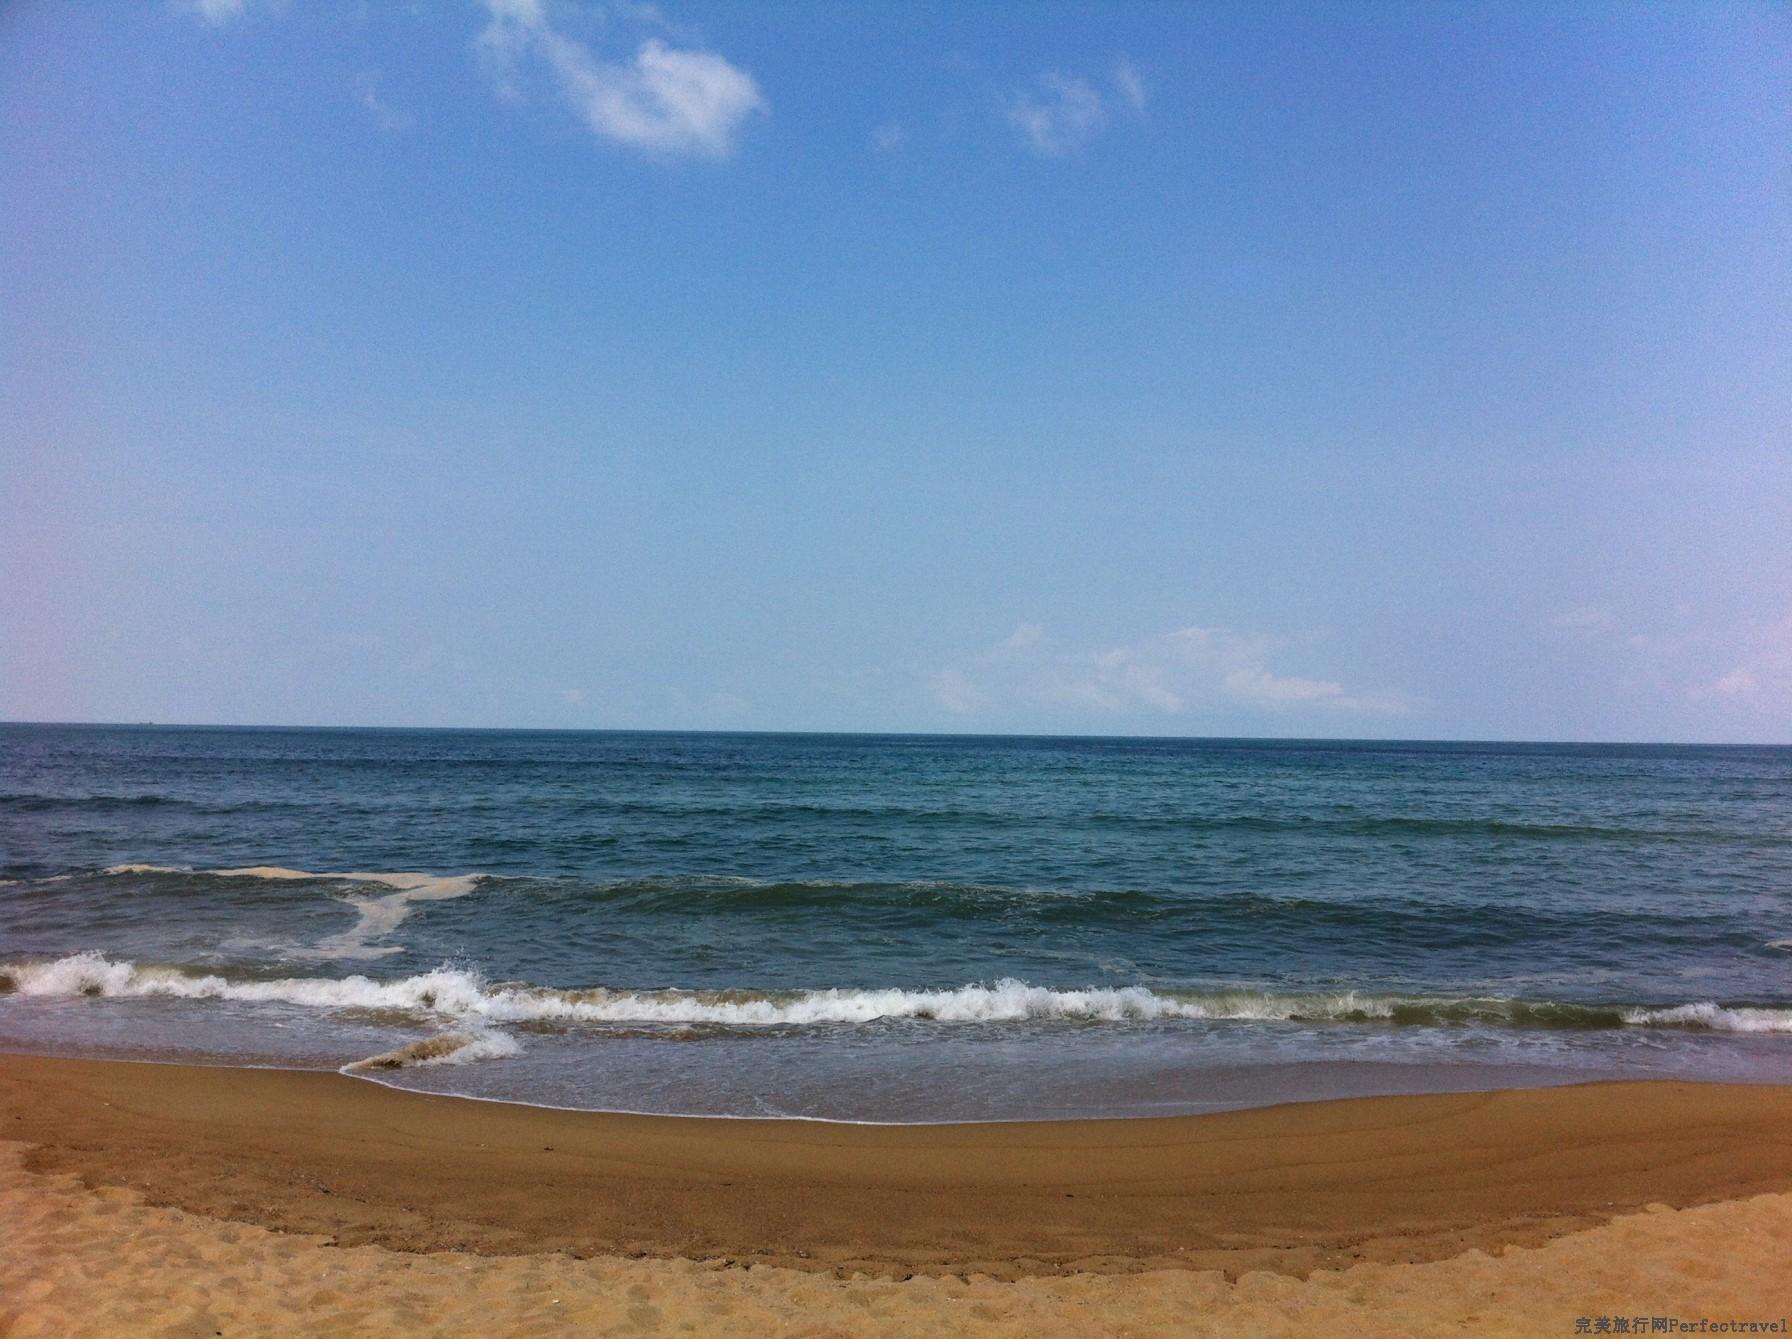 尊享岘港洲际总统套(下) - 完美旅行Perfectravel - 完美旅行Perfectravel的博客